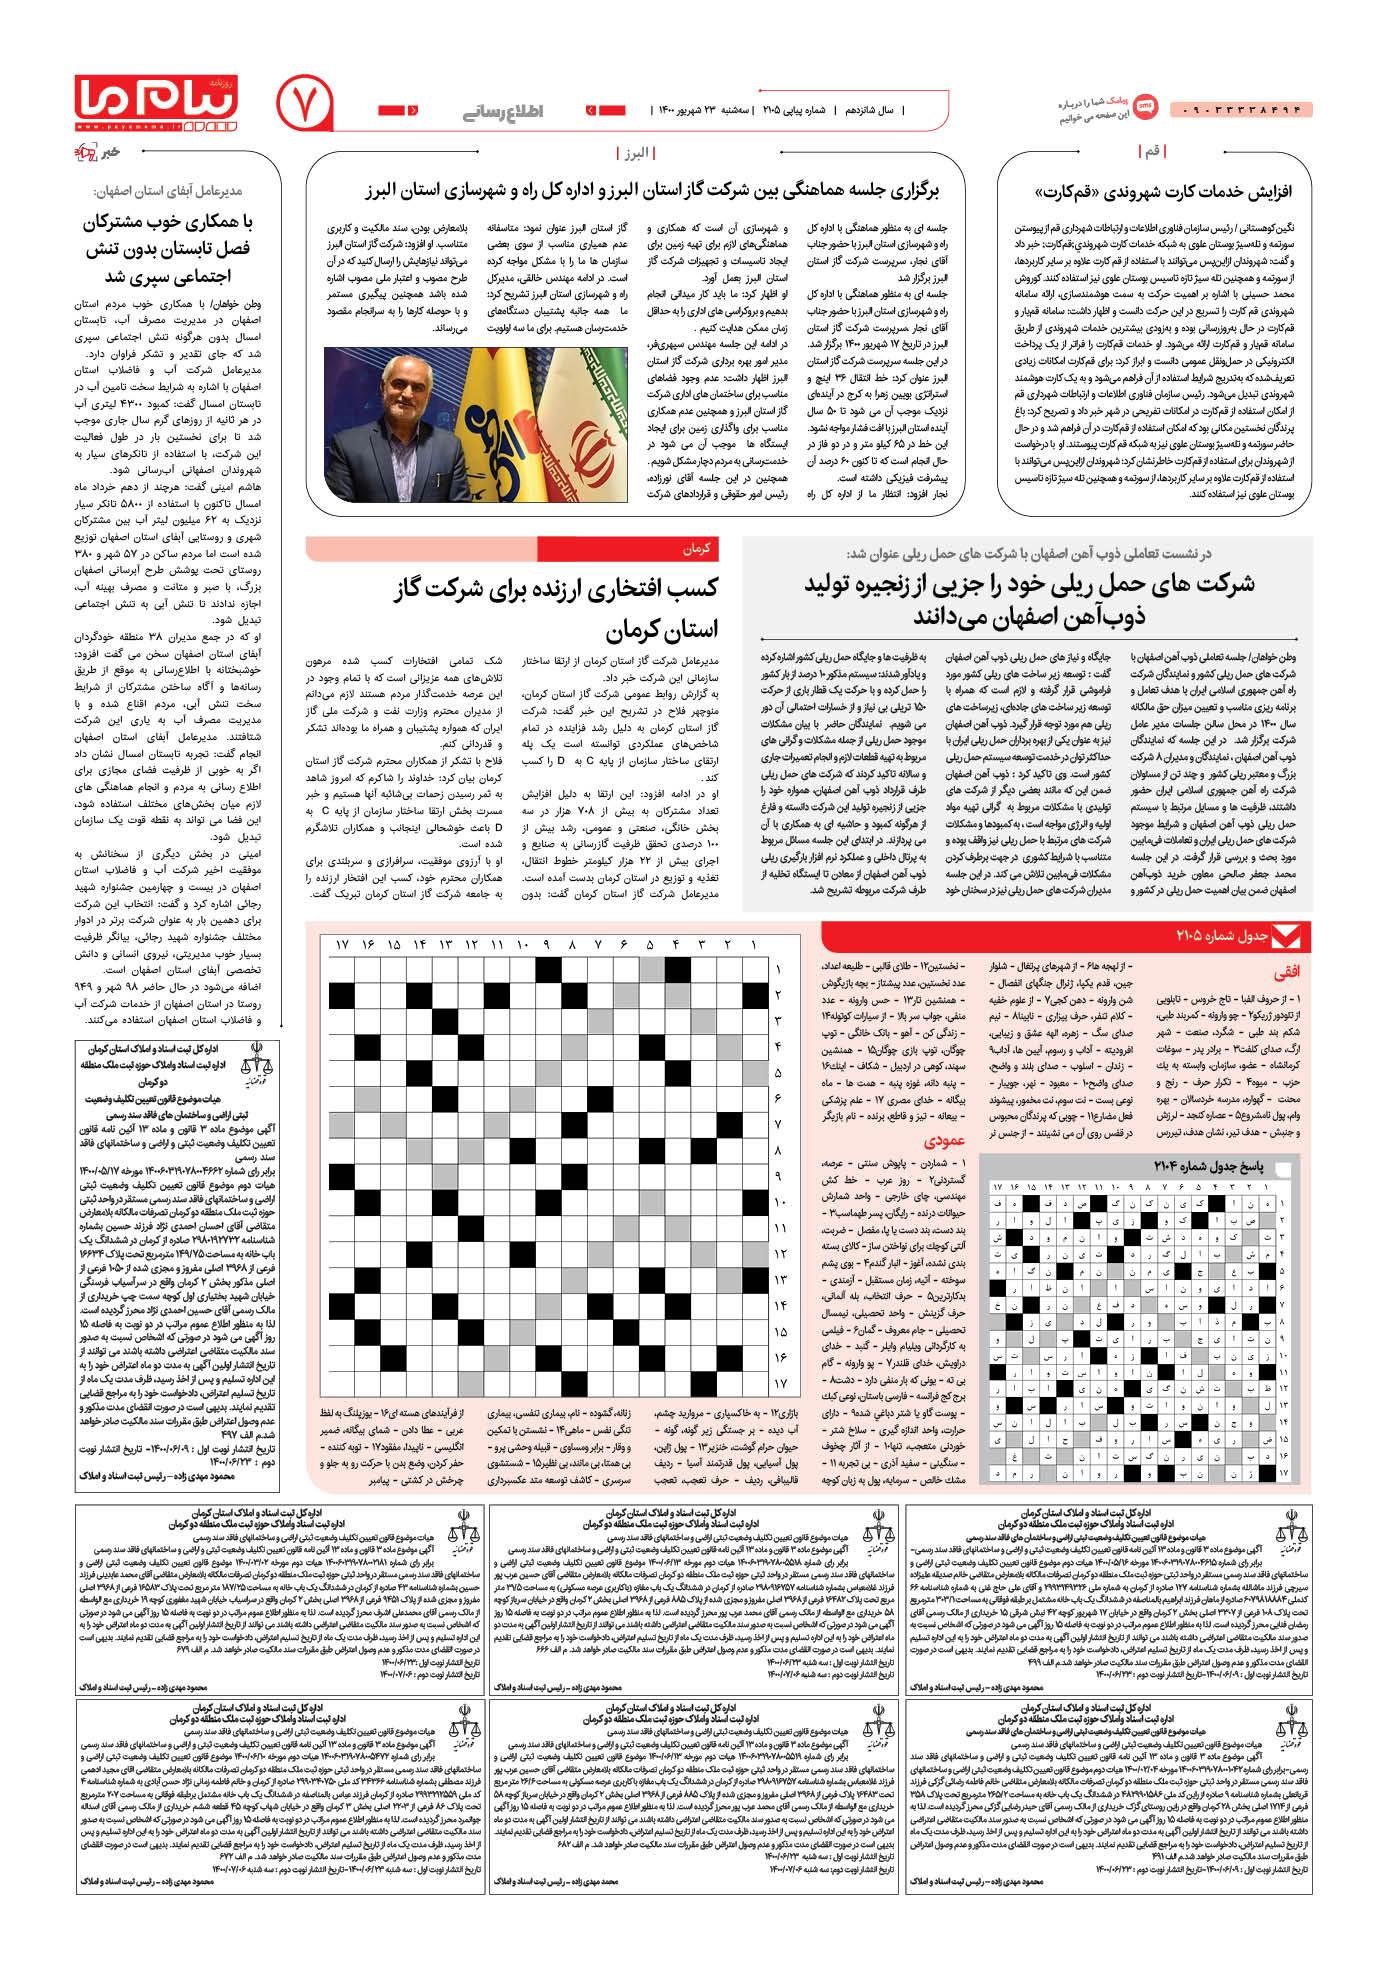 صفحه اطلاع رسانی شماره 2105 روزنامه پیام ما